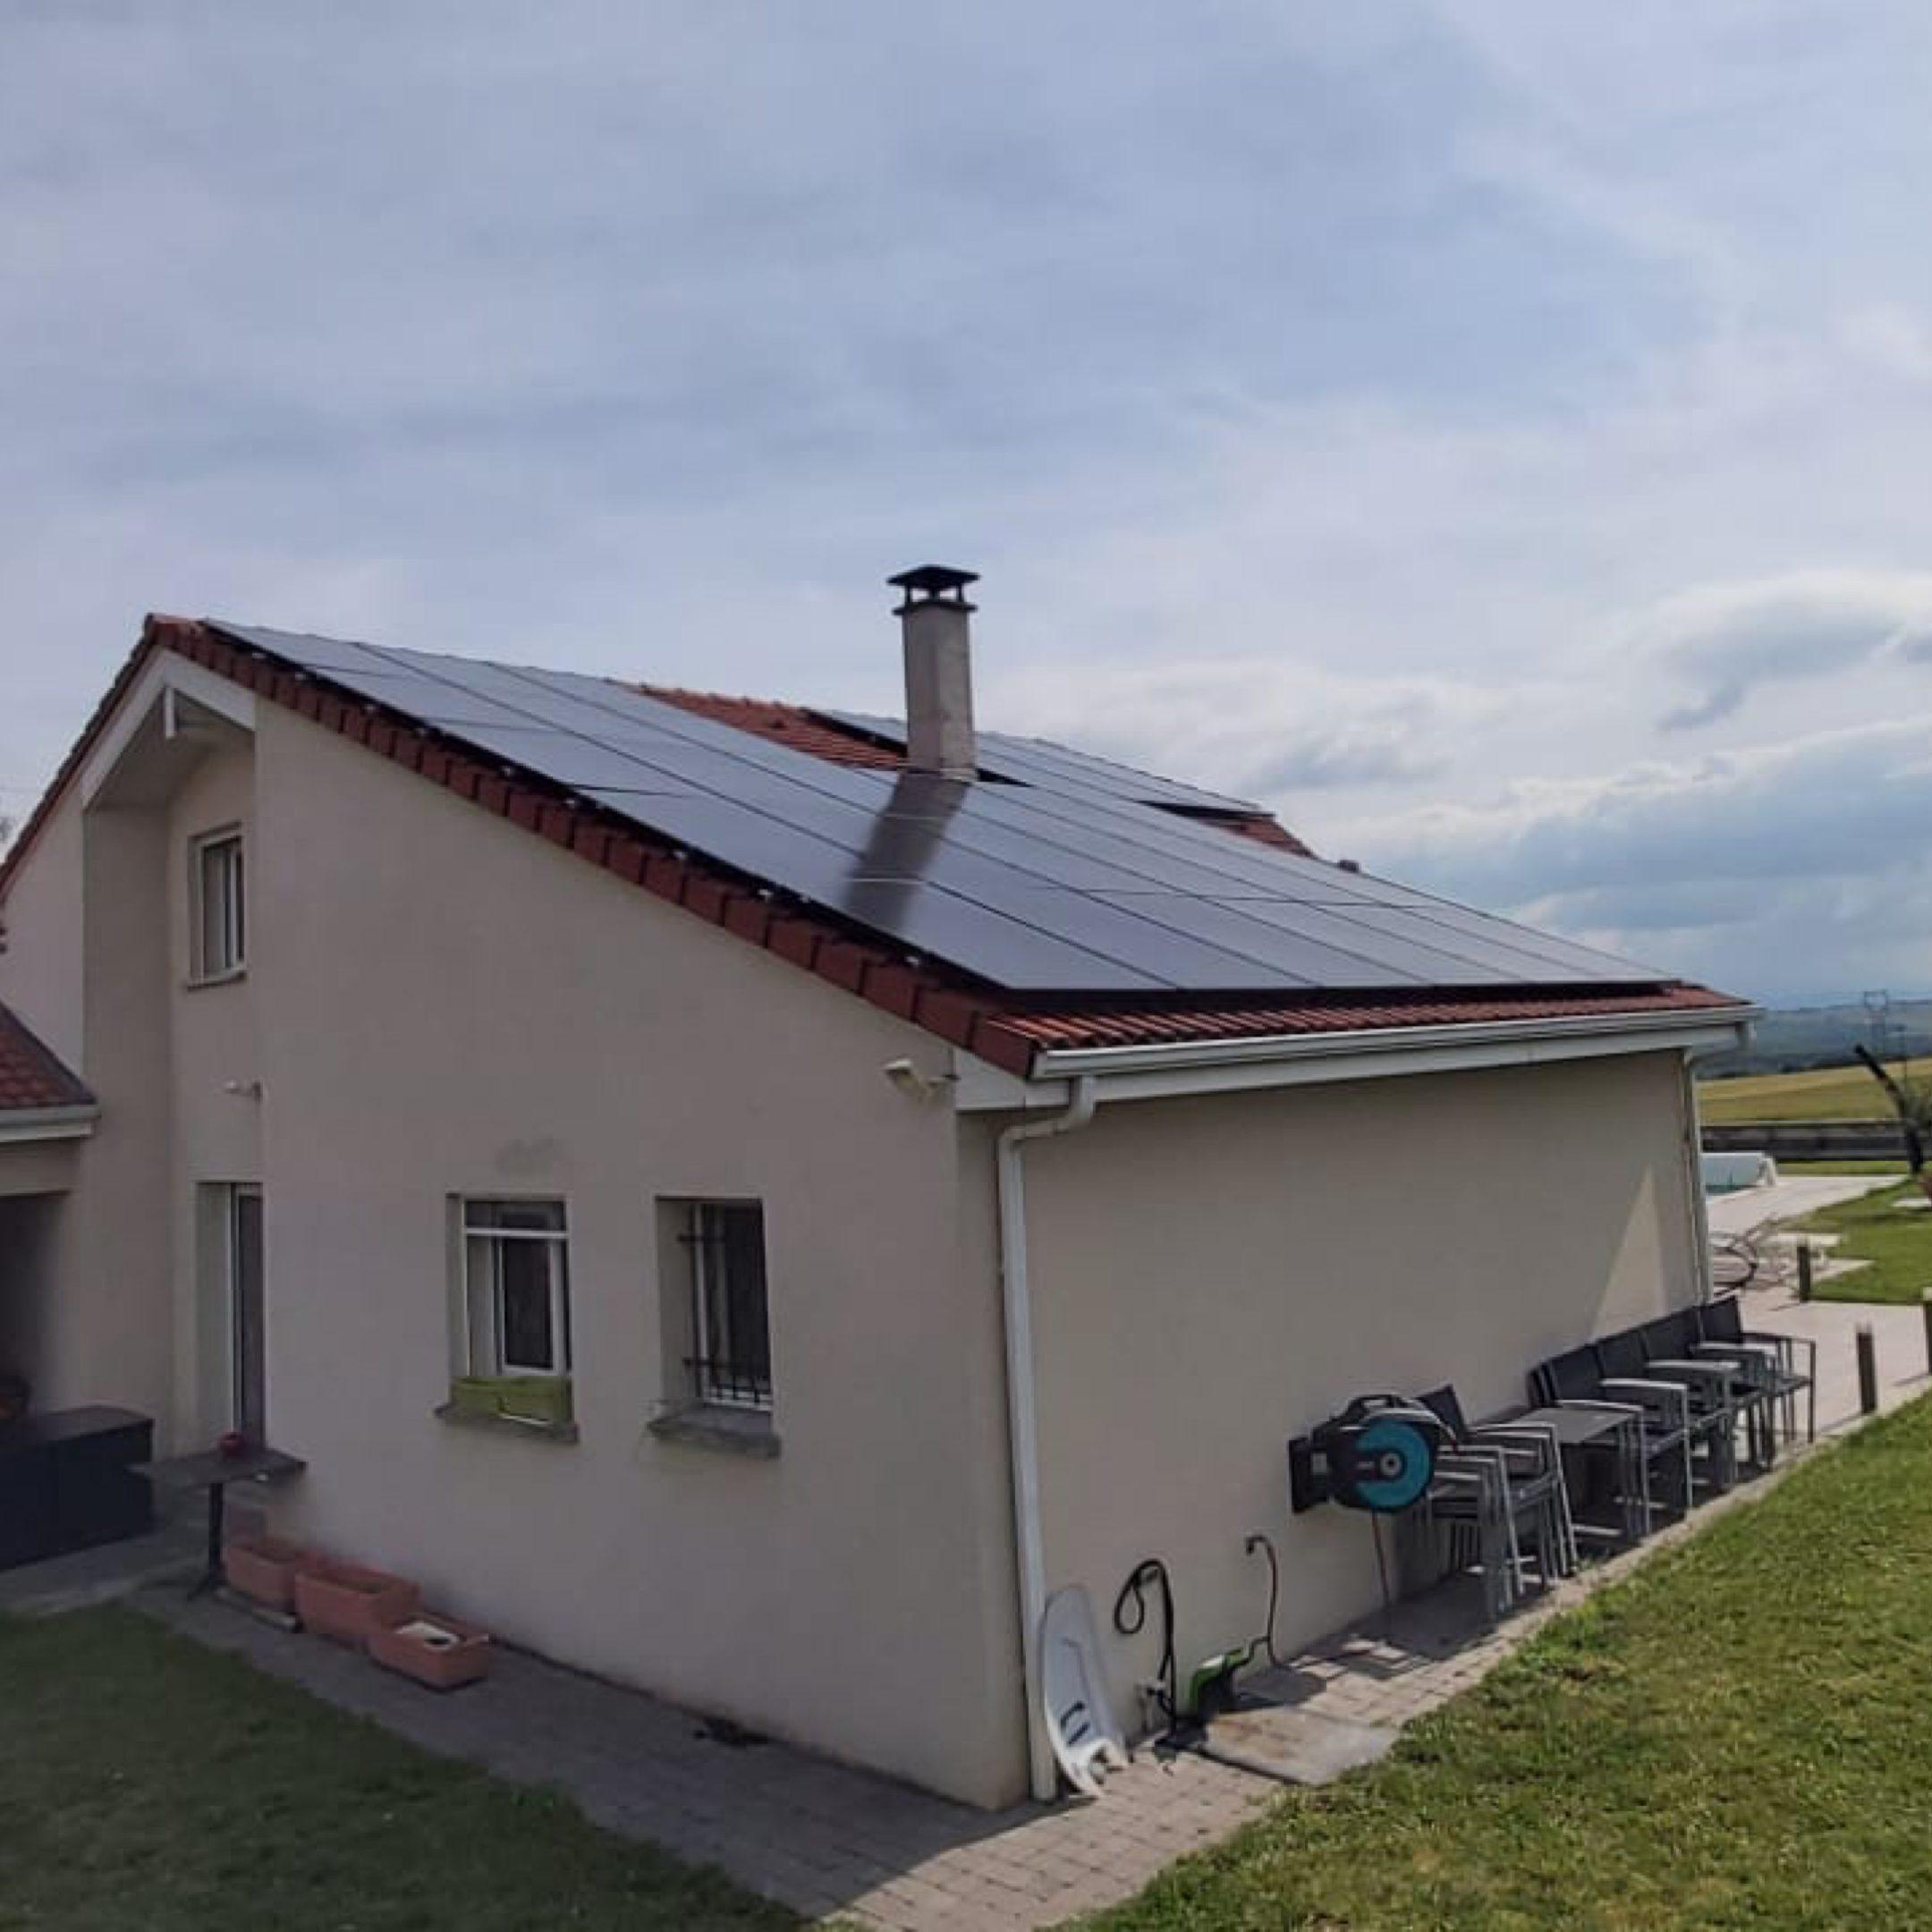 Nos réalisations d'installations de panneaux solaires 4